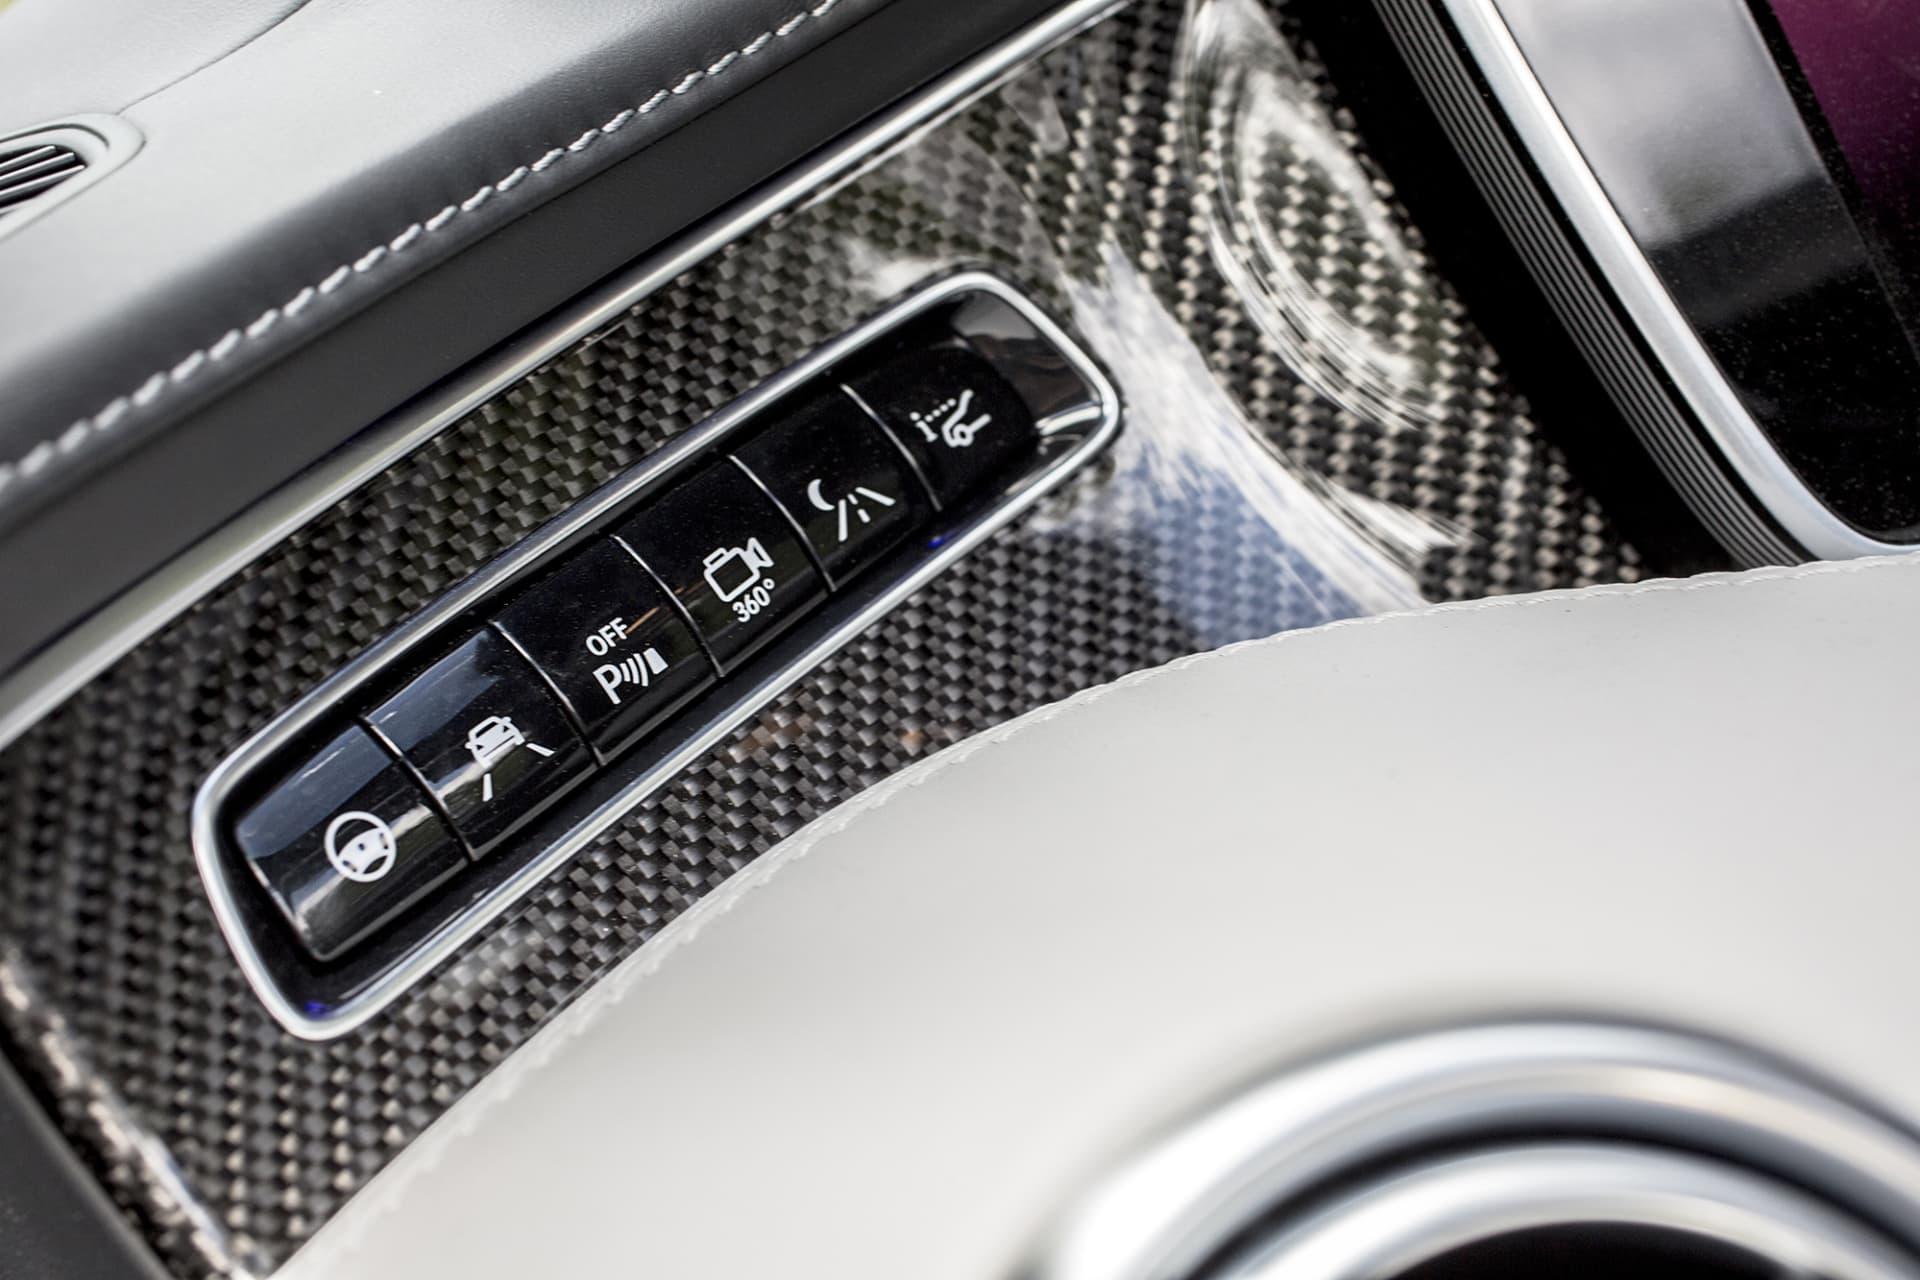 Säkerhetssystemen i AMG S 63 Cabriolet kan bokstavligen få bilen att köra sig själv